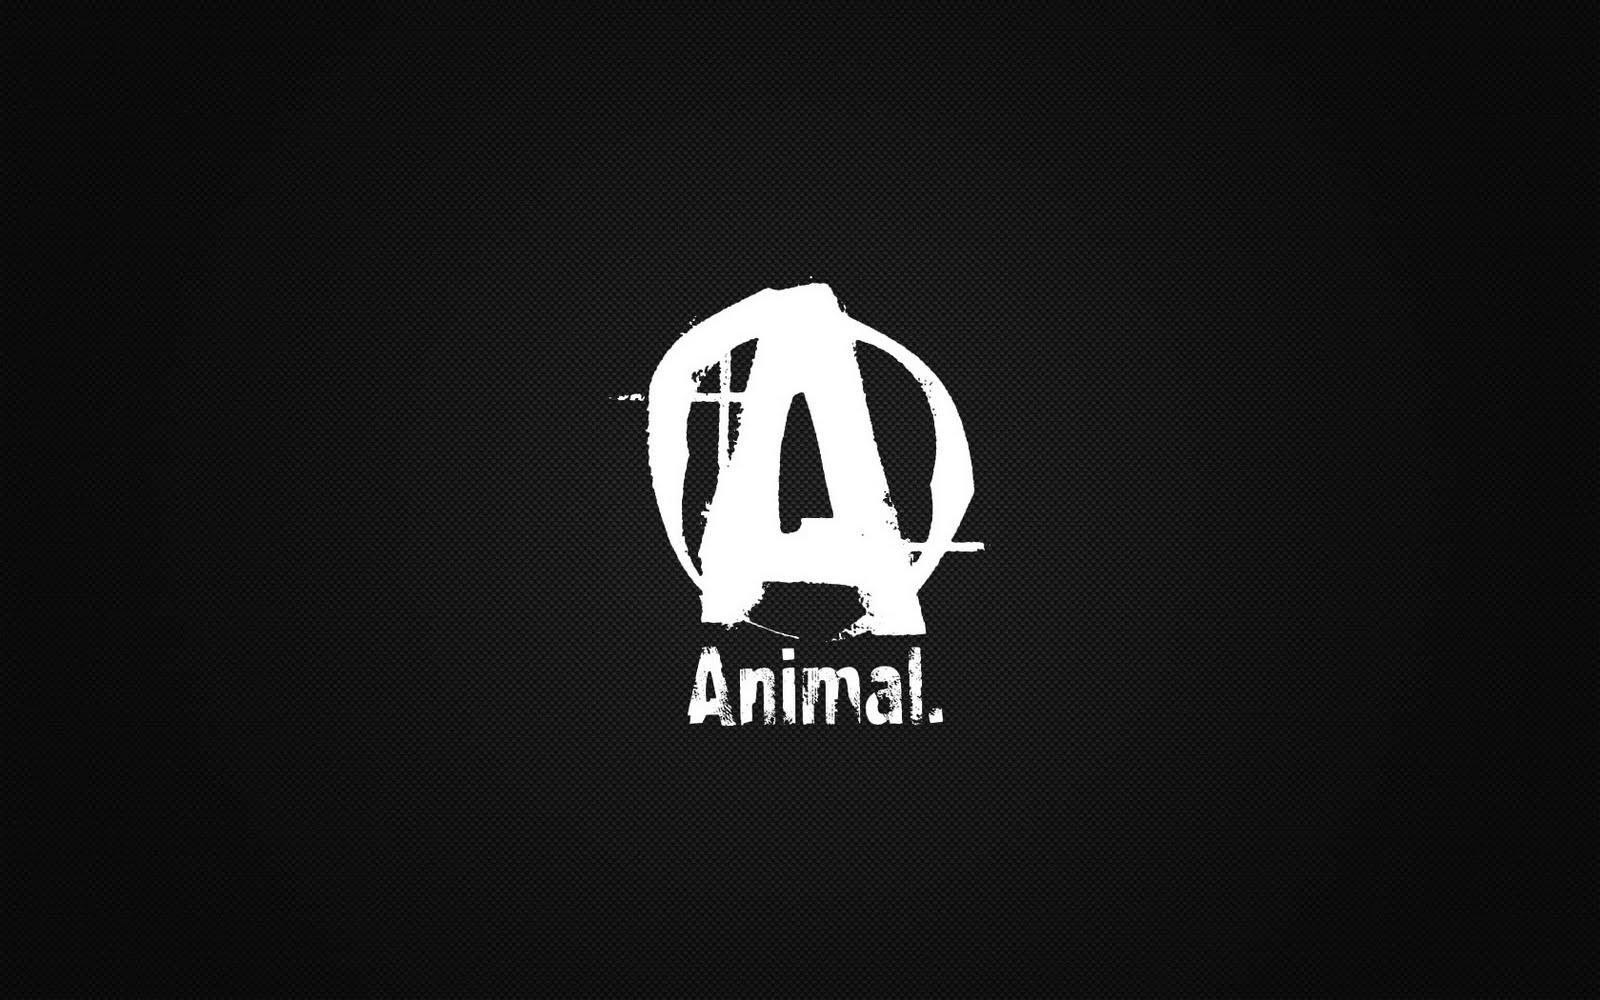 Animal Pak Quotes Wallpaper Animal Pak Wallpapers Wallpaper Cave